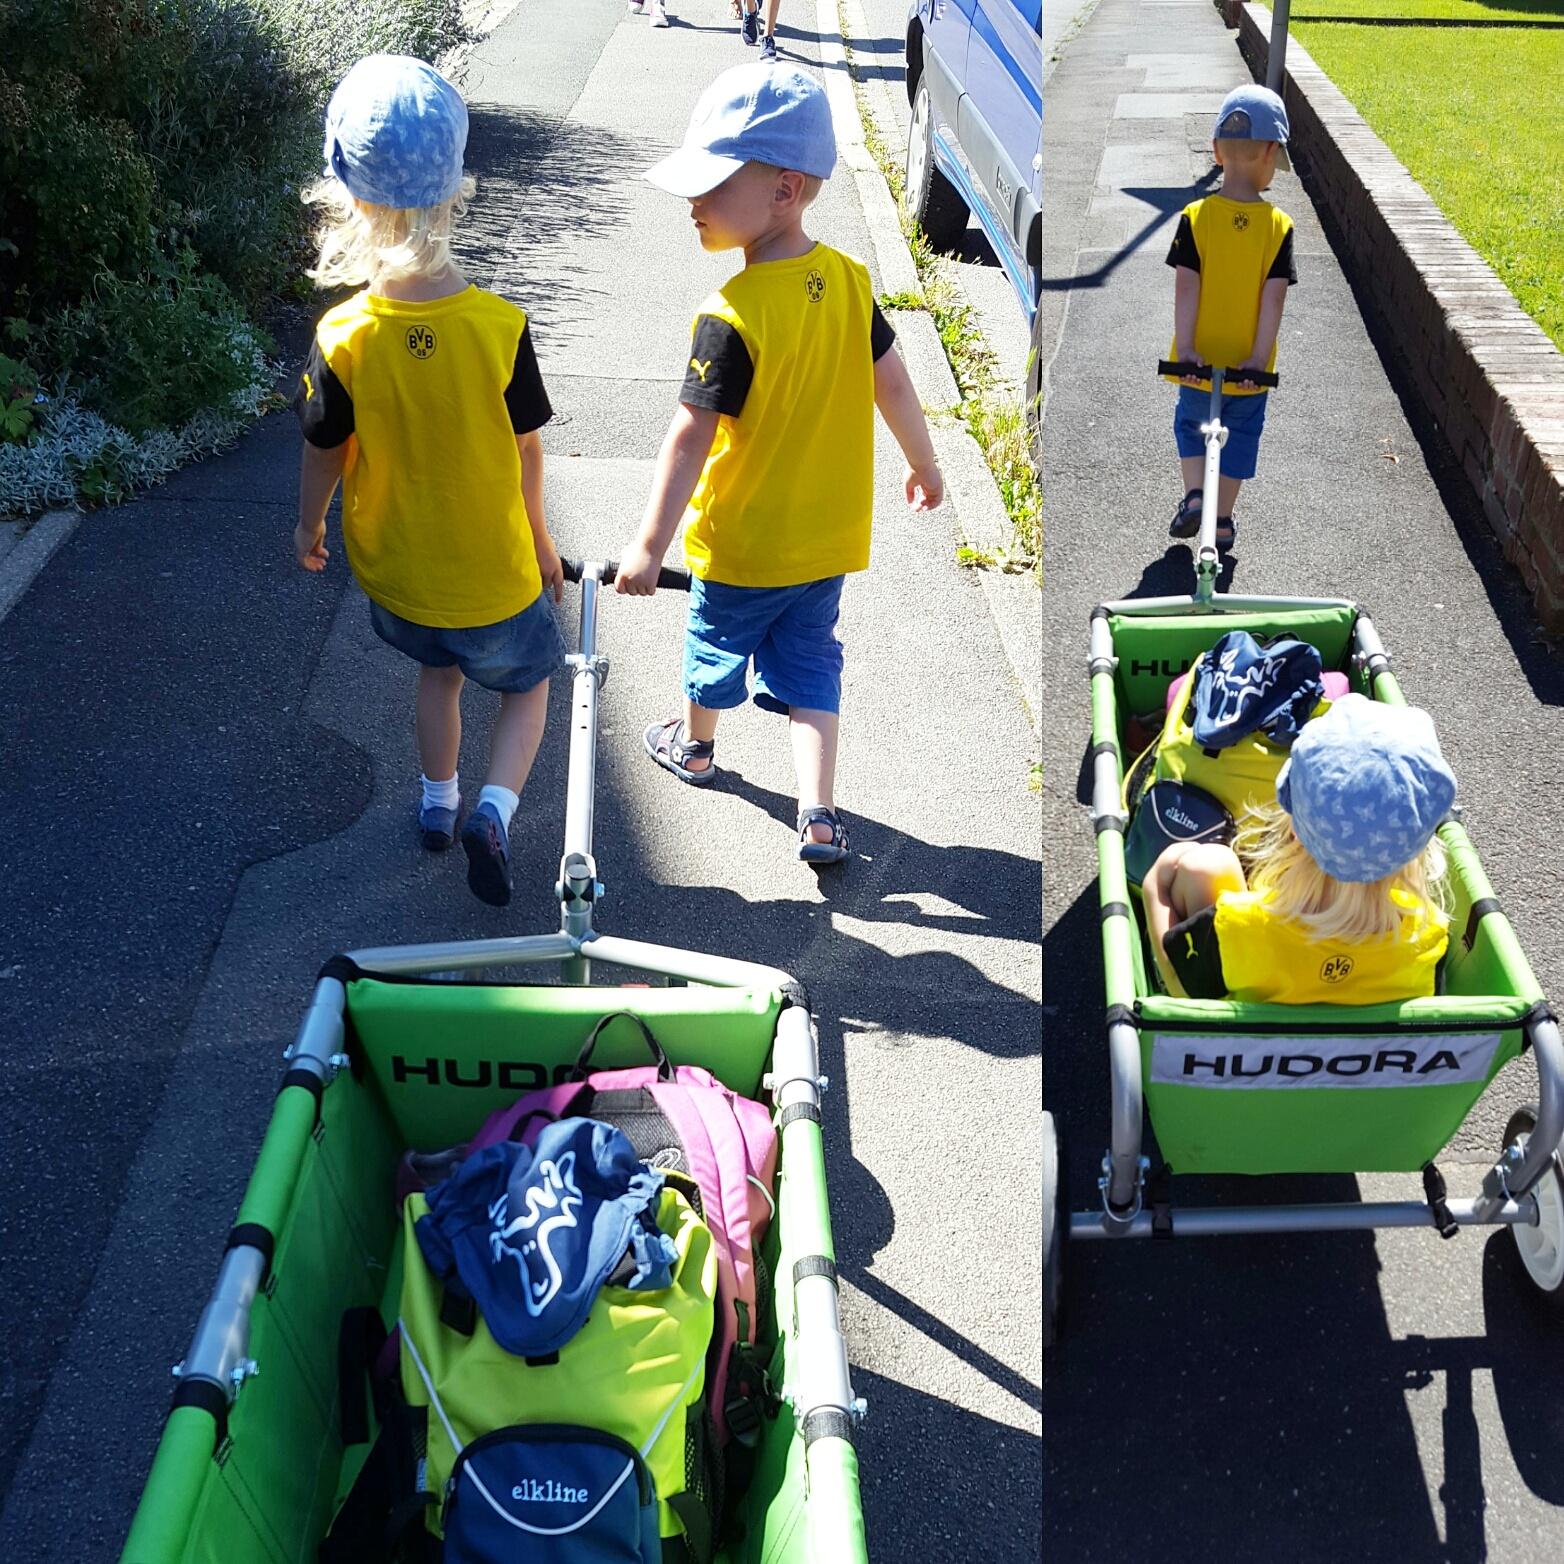 Zwllinge mit Bollerwagen -Zwei kleine BVB-Fans.jpg